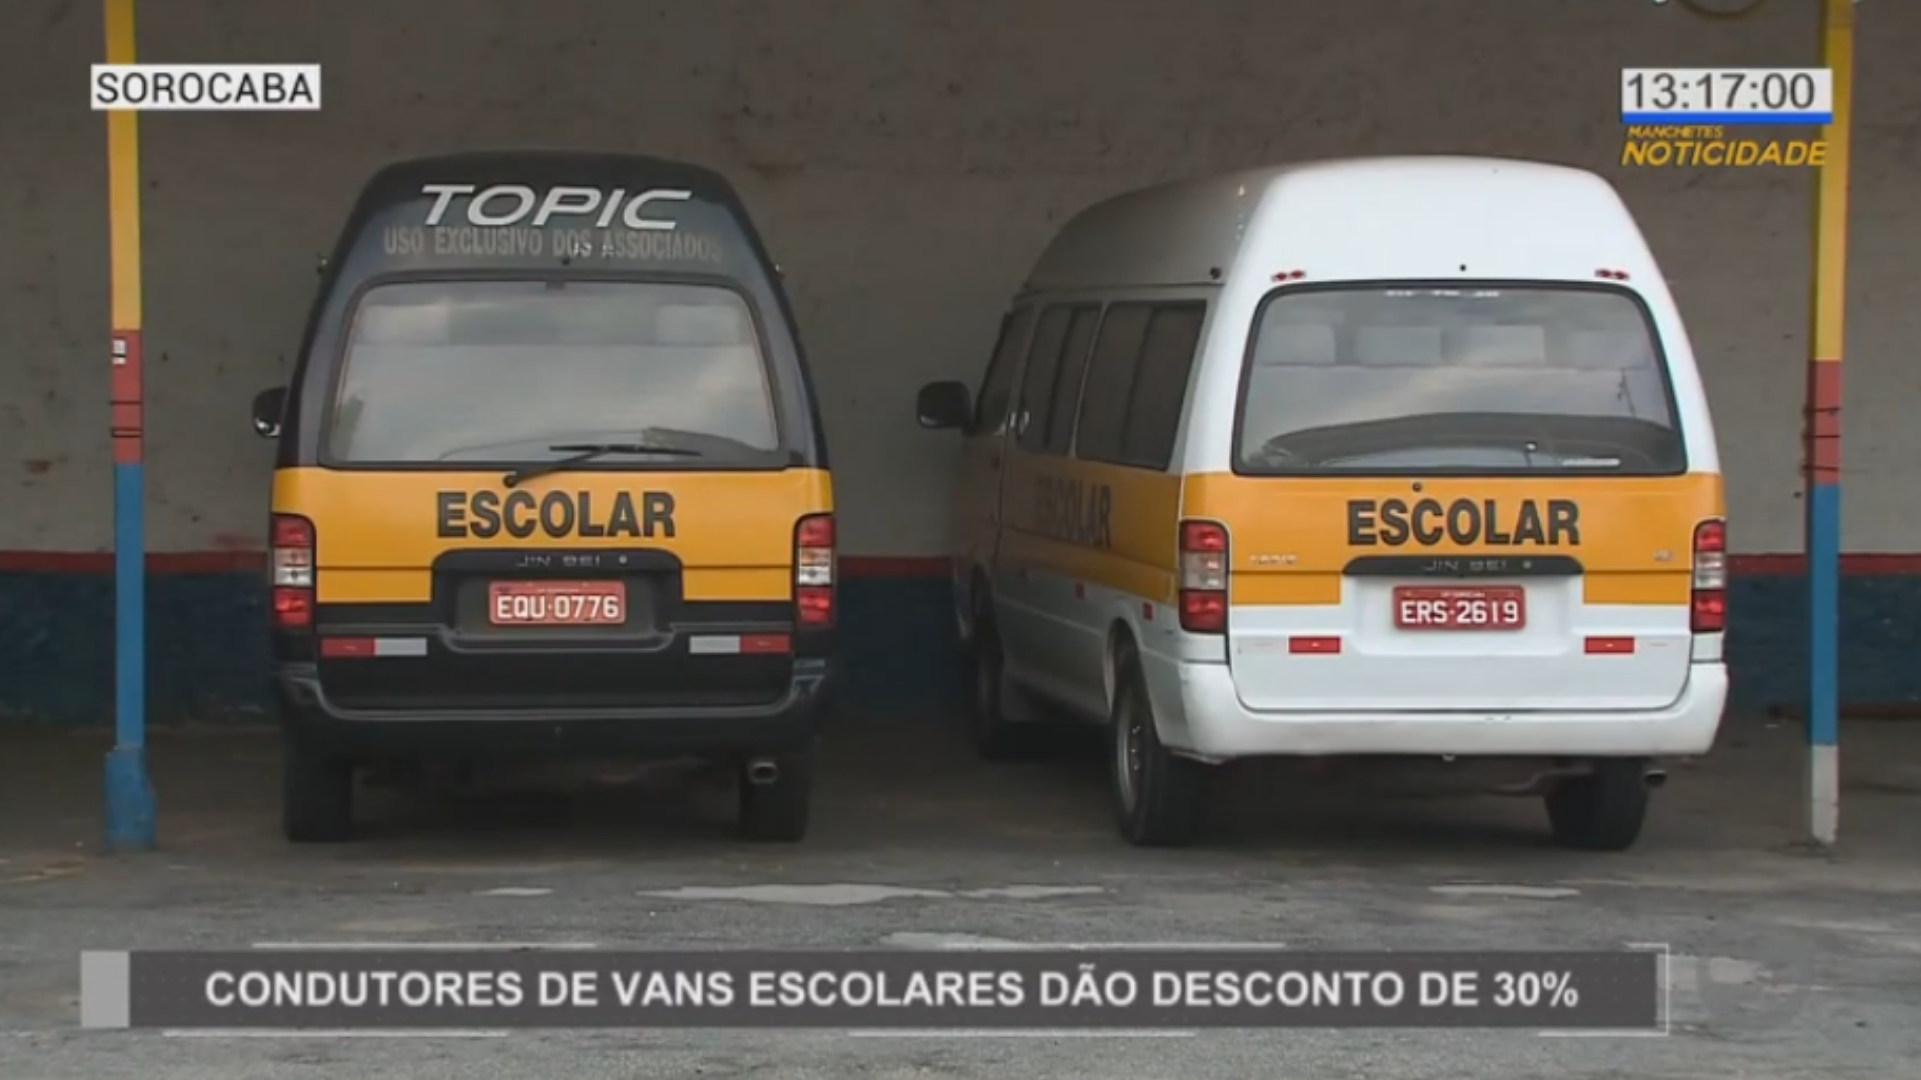 Transporte escolar em Sorocaba terá que dar desconto de 30% nas mensalidades